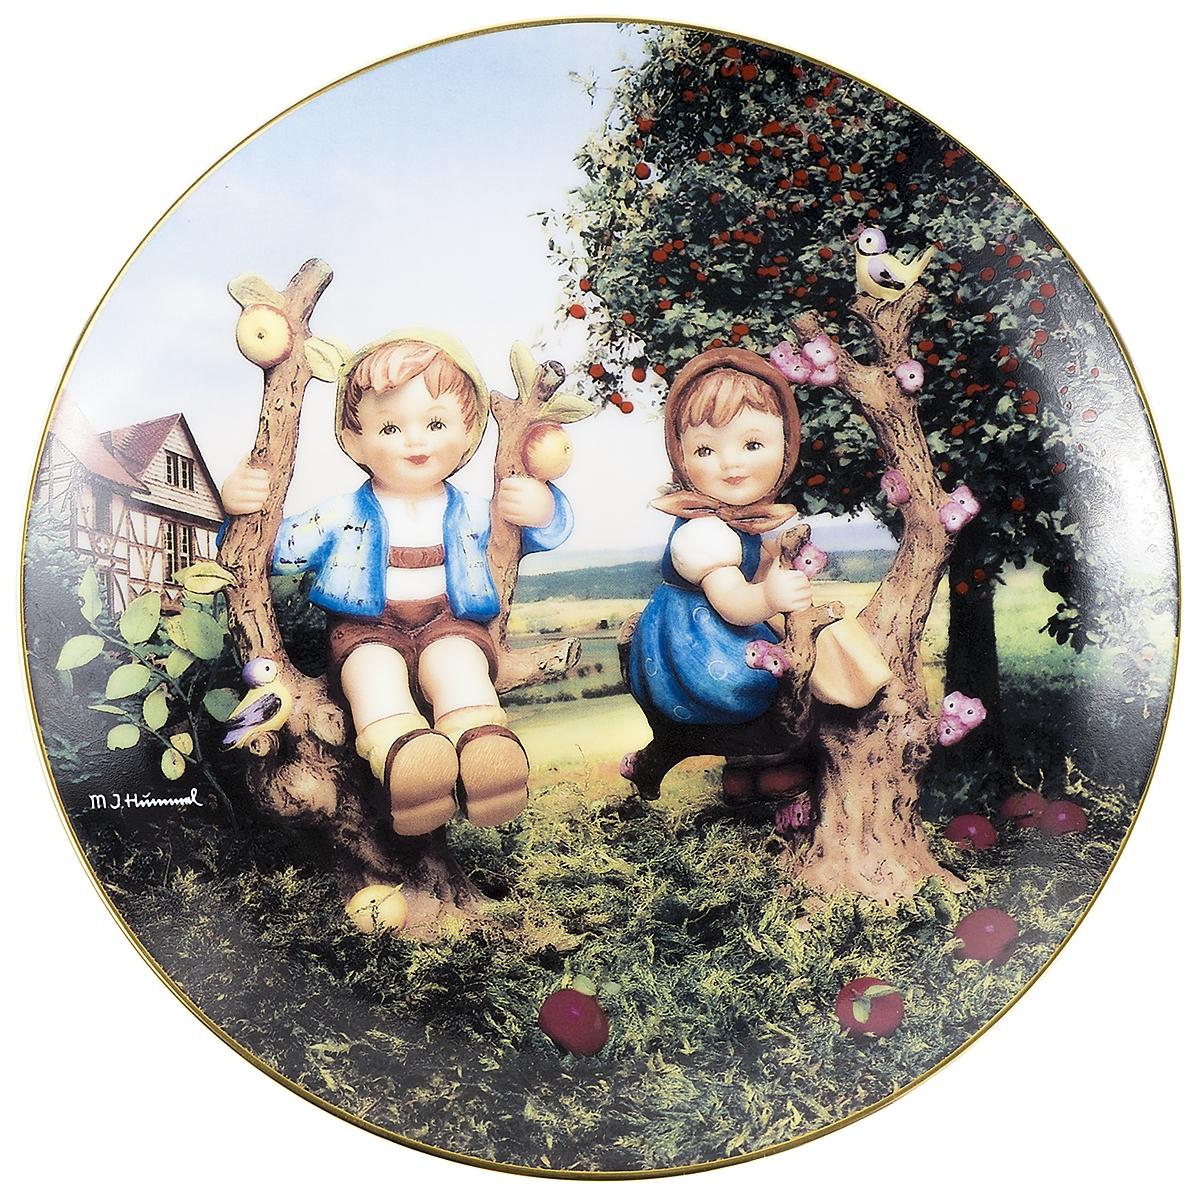 Декоративная тарелка Goebel Мальчик и девочка на яблоне. Фарфор, деколь, золочение. Швейцария, вторая половина ХХ века декоративная тарелка goebel сюрприз фарфор деколь золочение швейцария вторая половина хх века